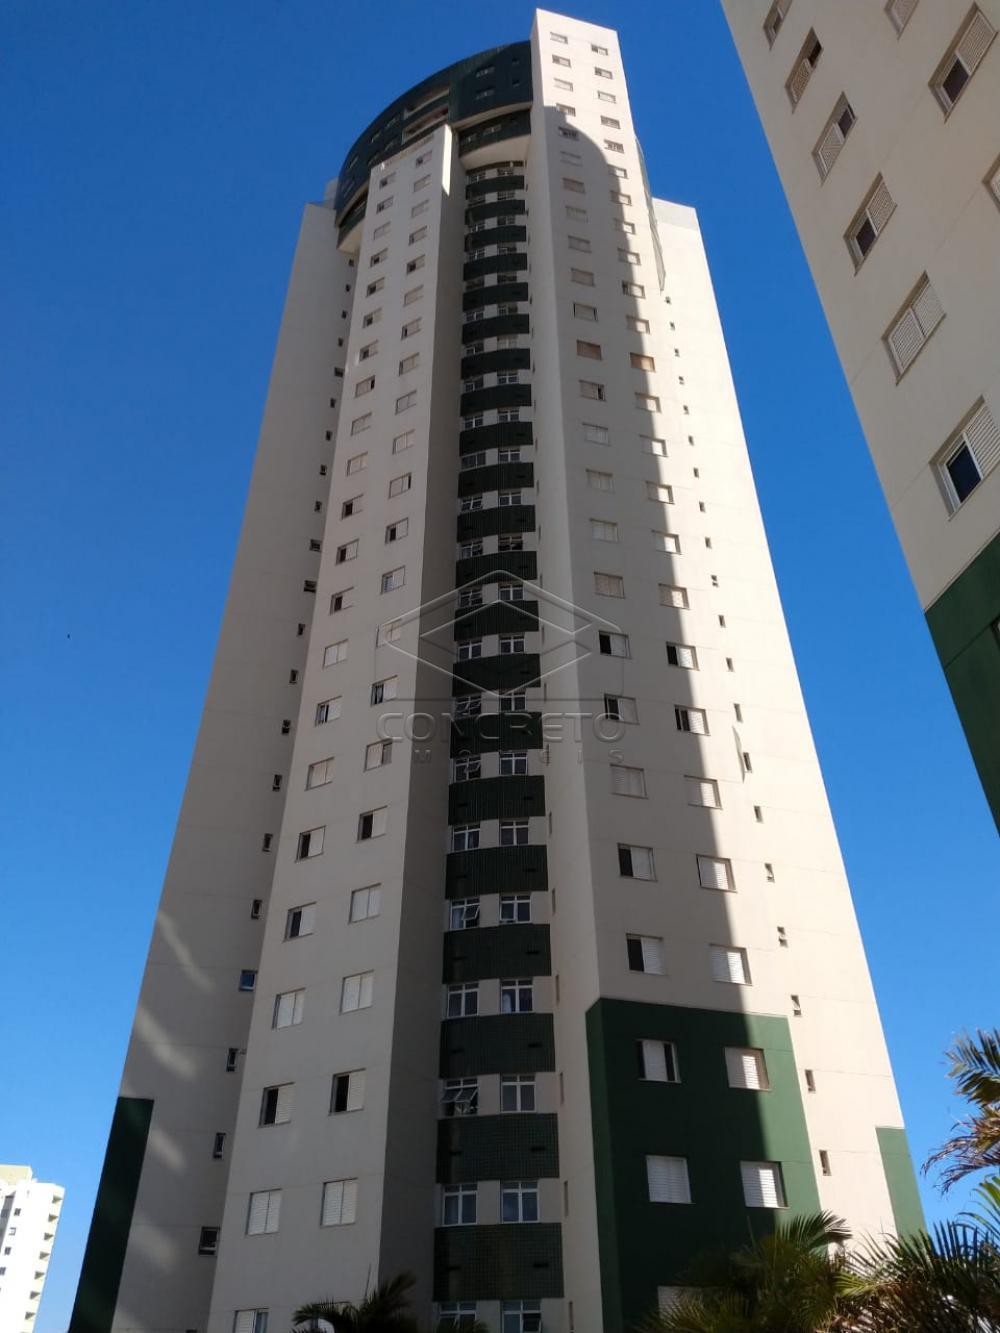 Comprar Apartamento / Padrão em Bauru R$ 340.000,00 - Foto 1